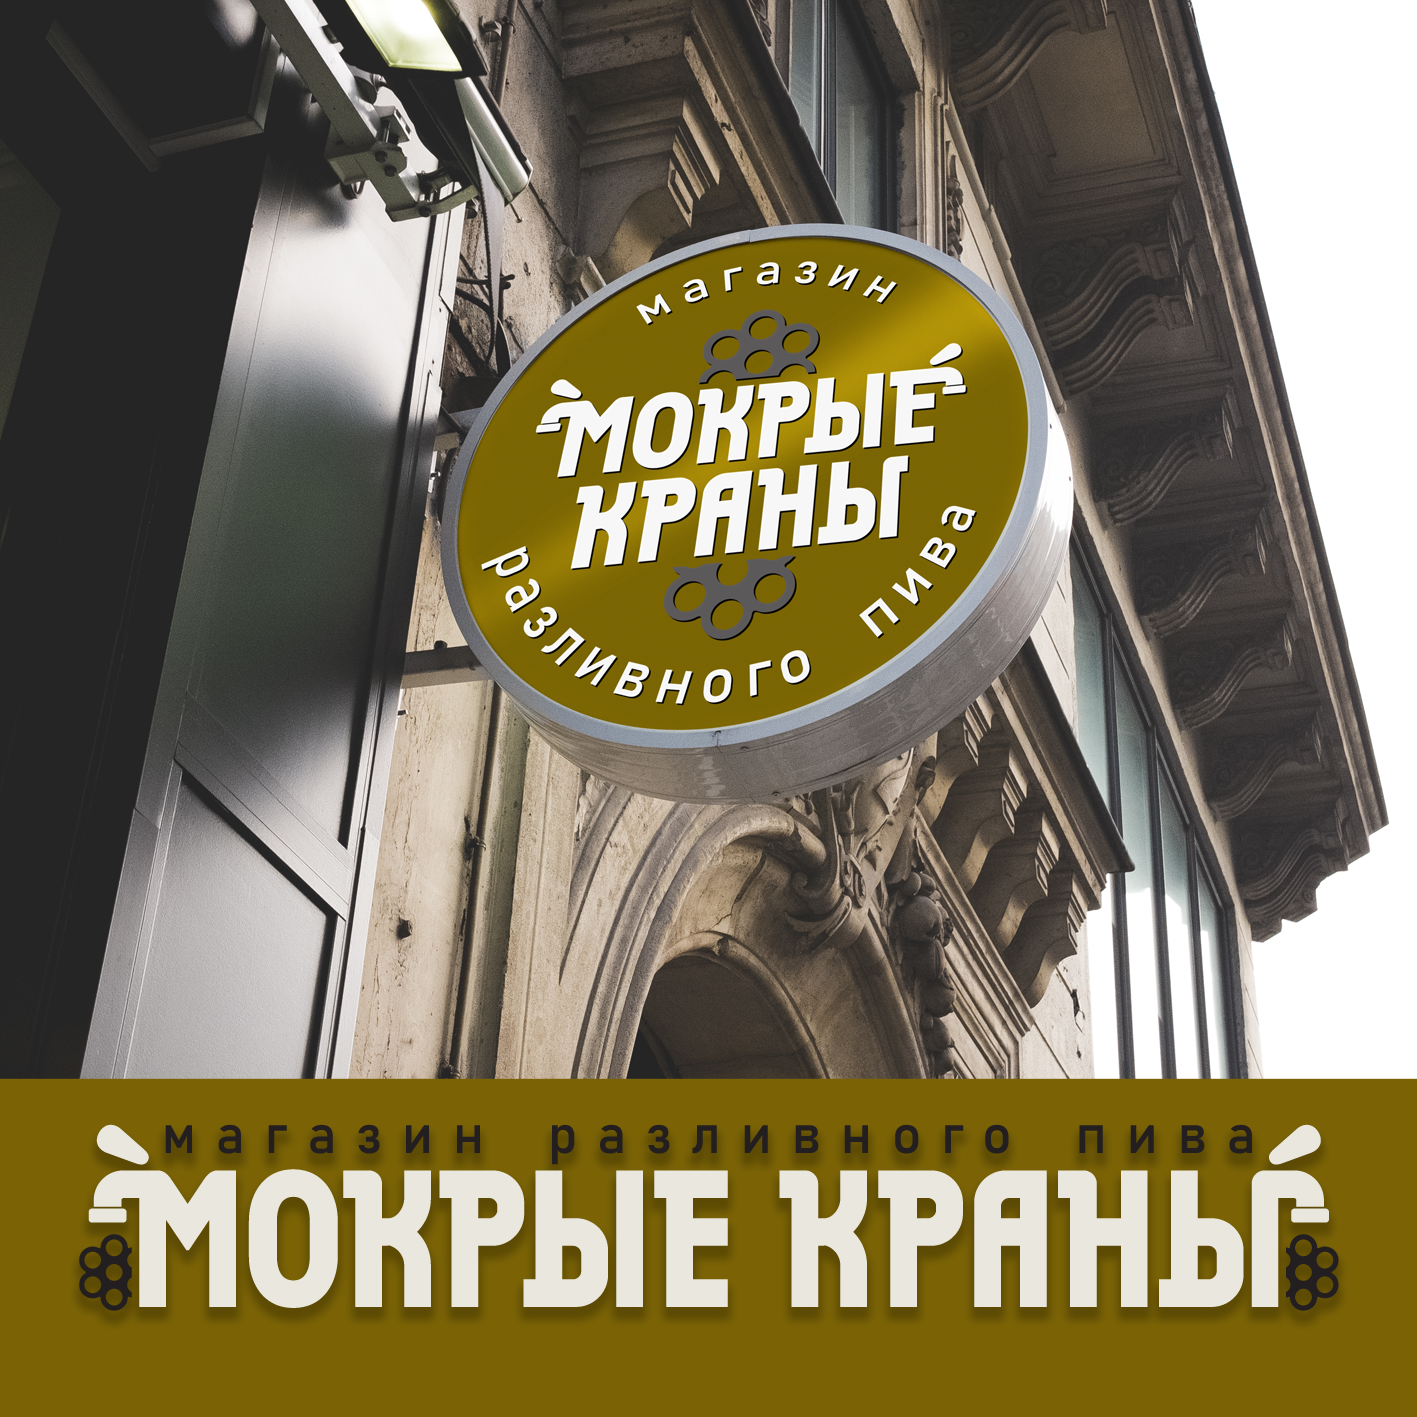 Вывеска/логотип для пивного магазина фото f_241602182a355717.png